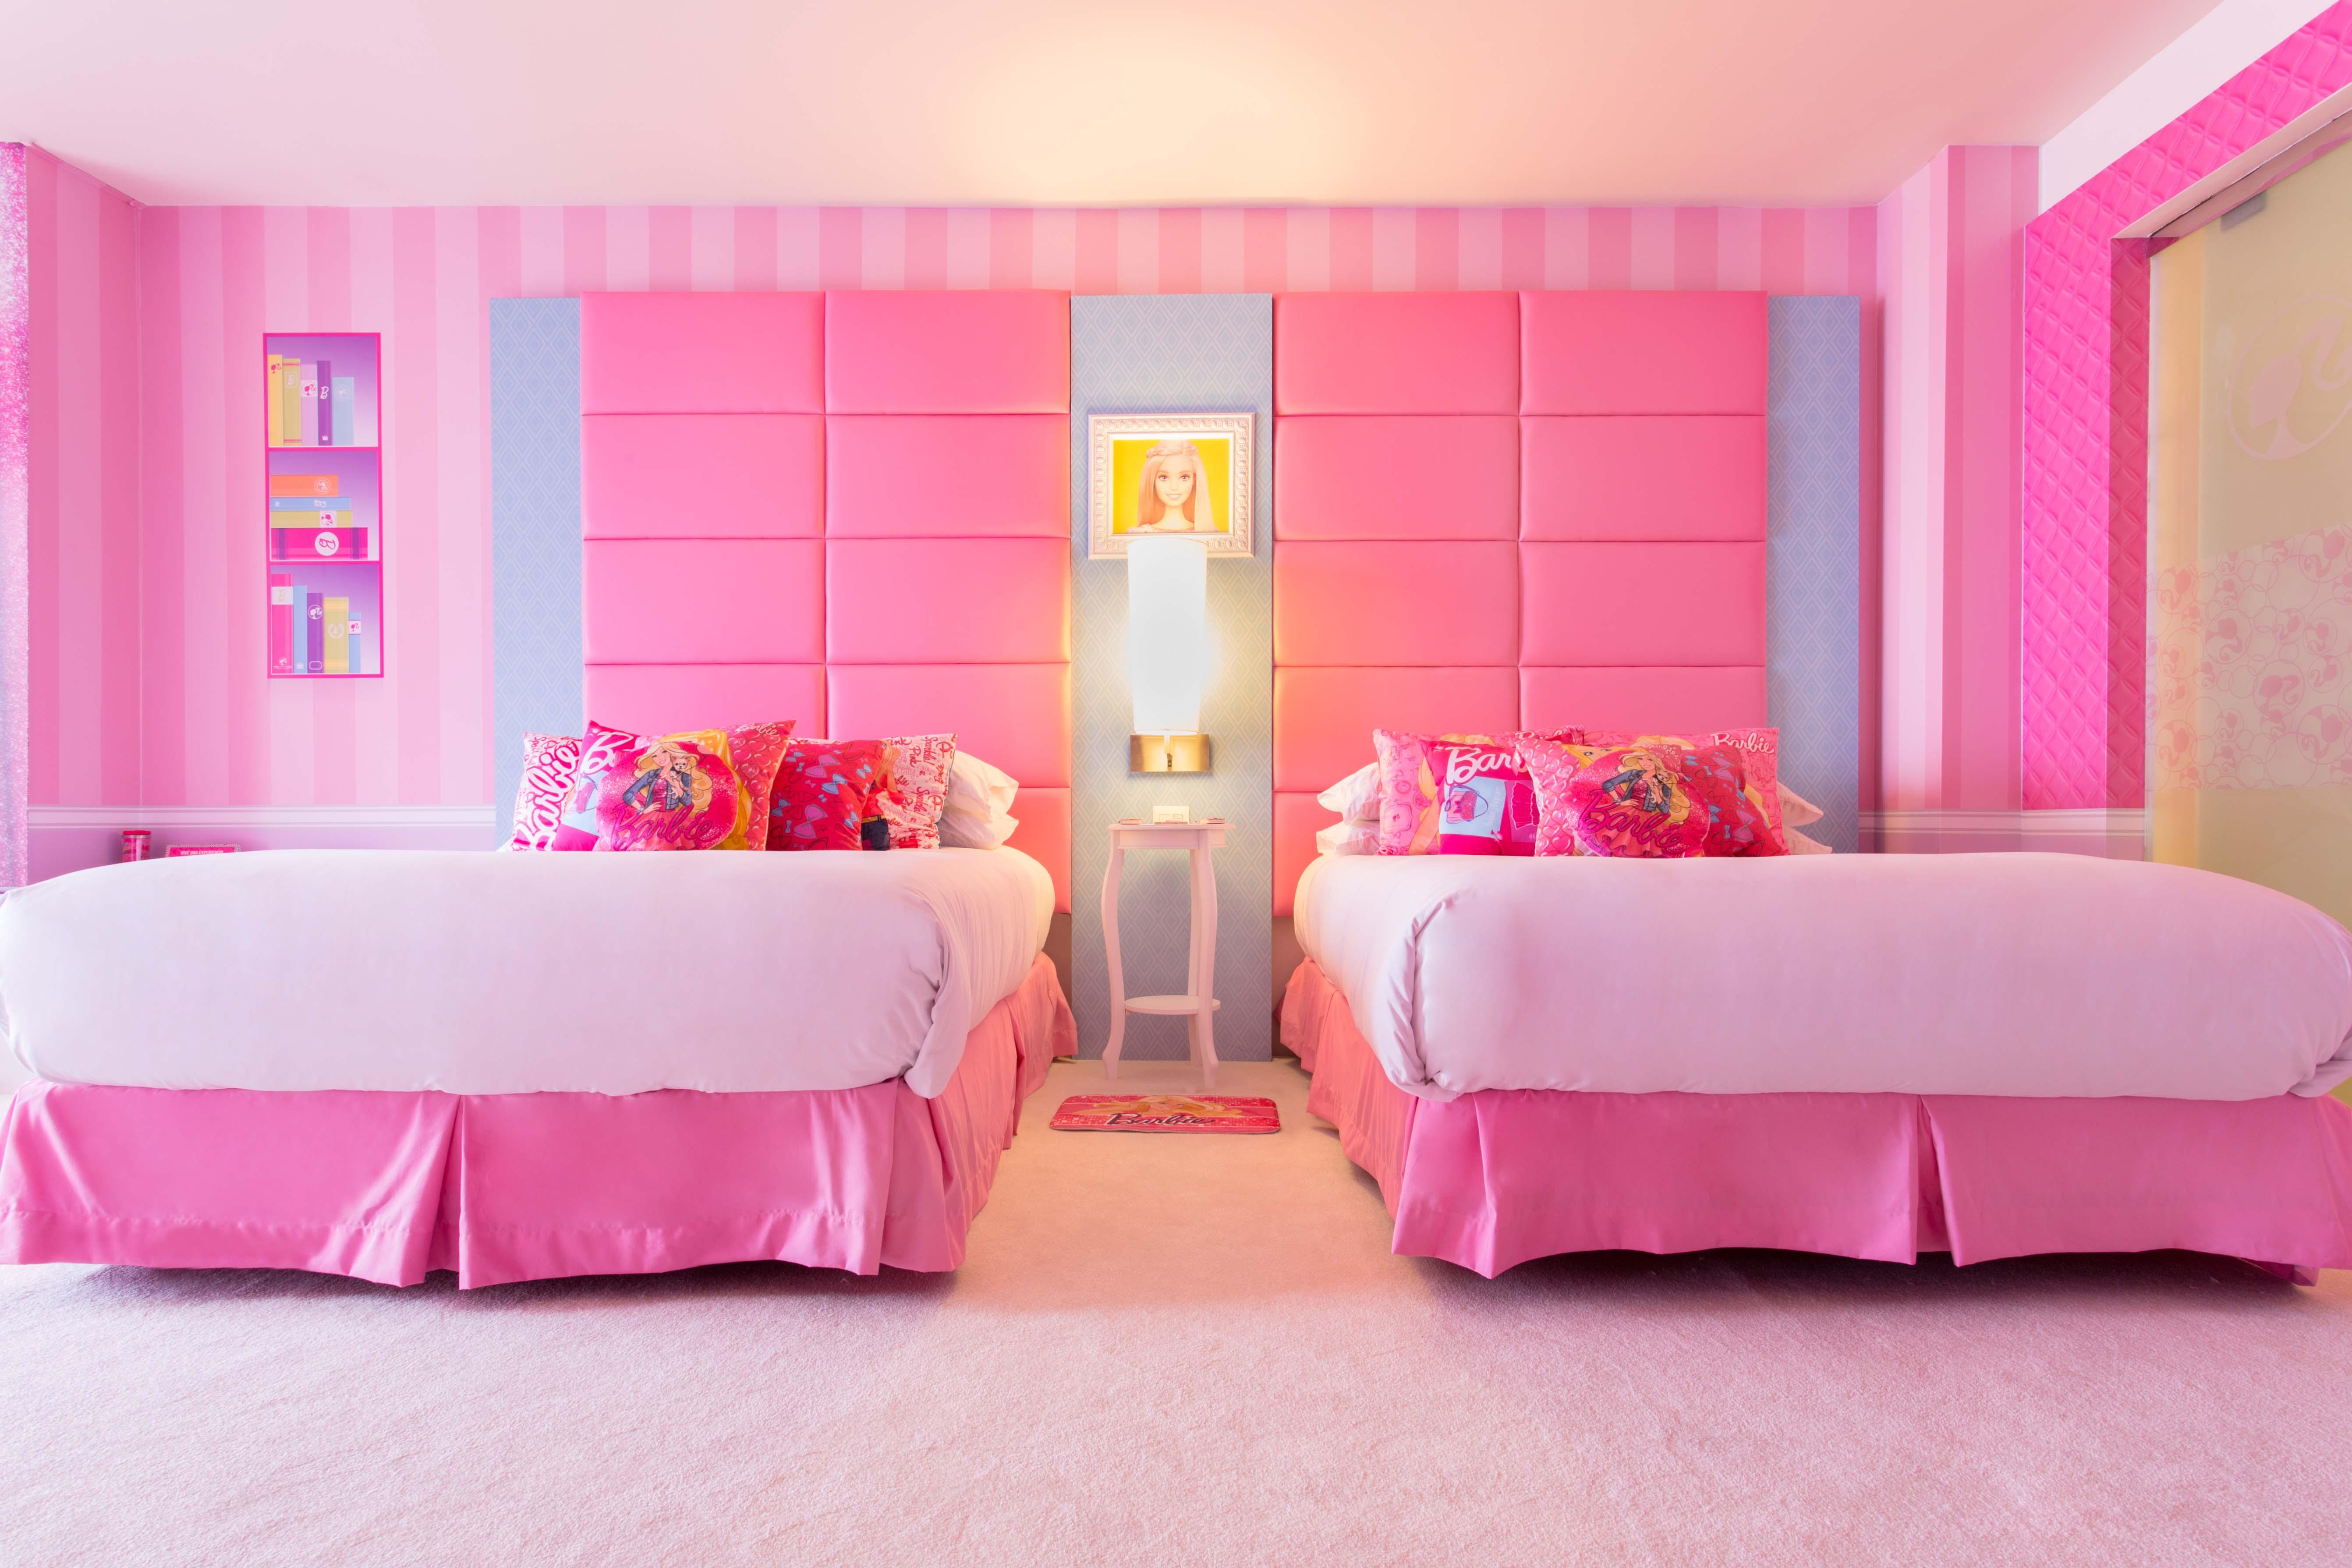 El cuarto rosa de Barbie